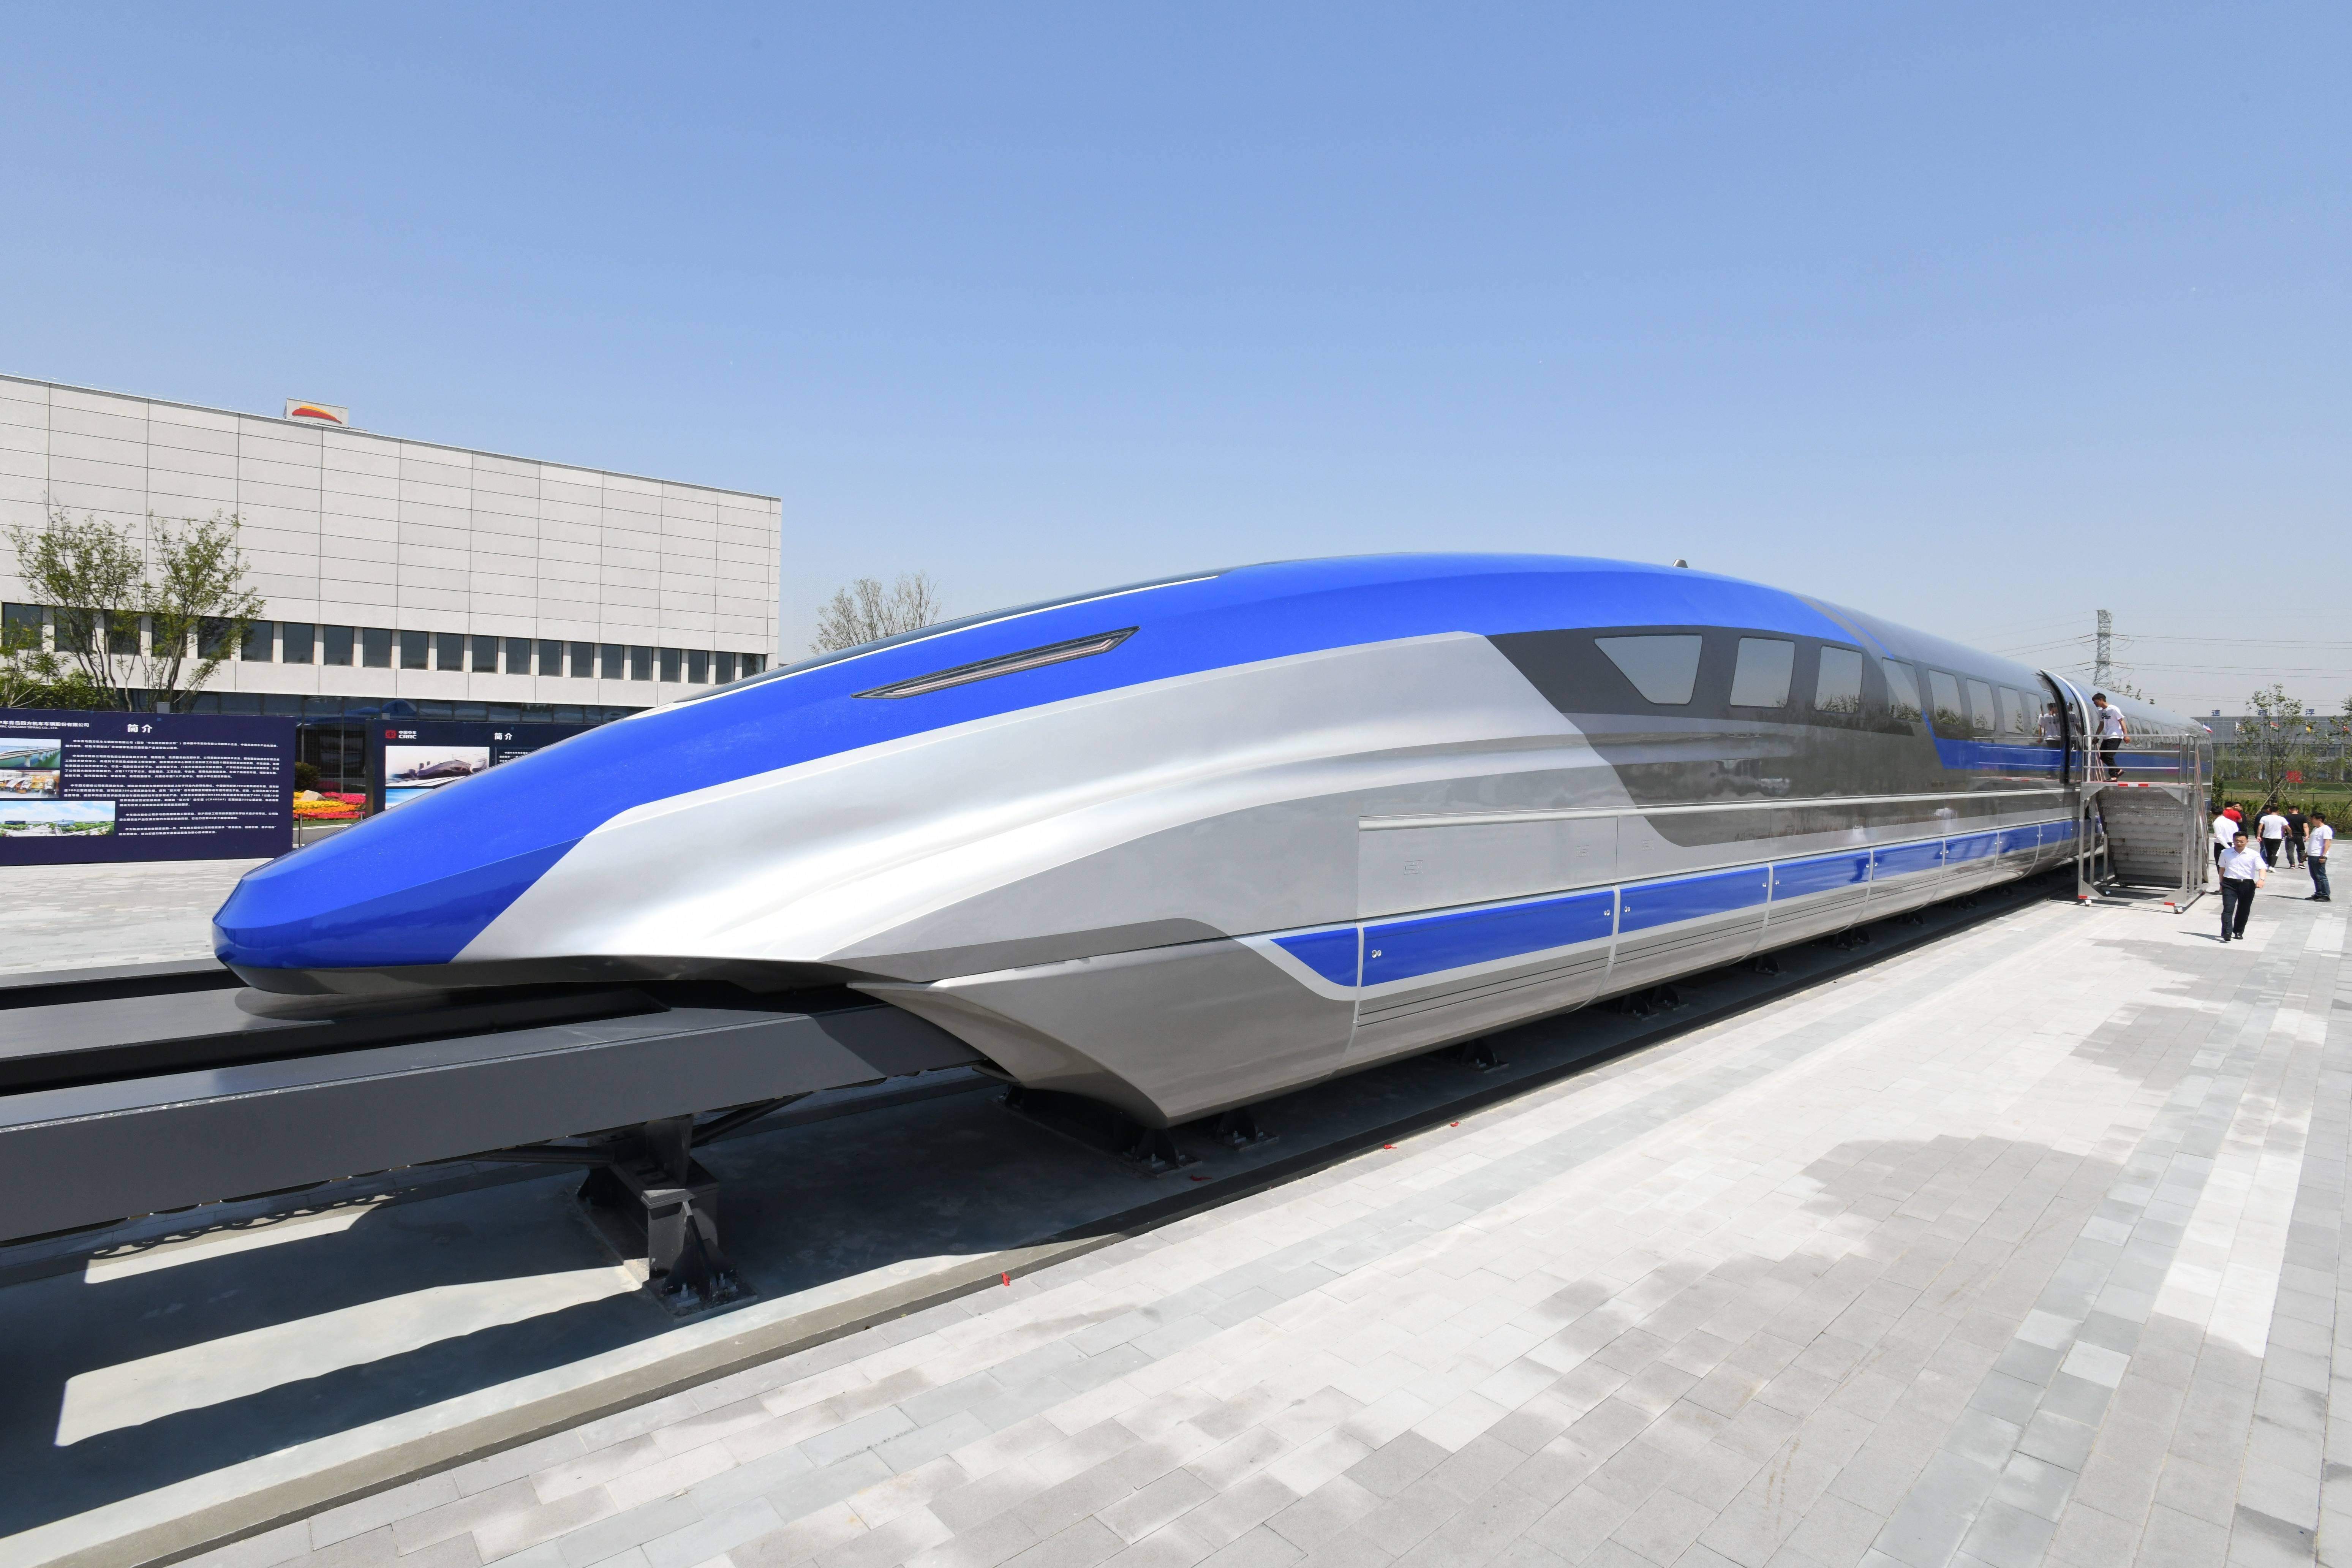 沪深广磁悬浮规划曝光,深圳到上海仅需2.5小时